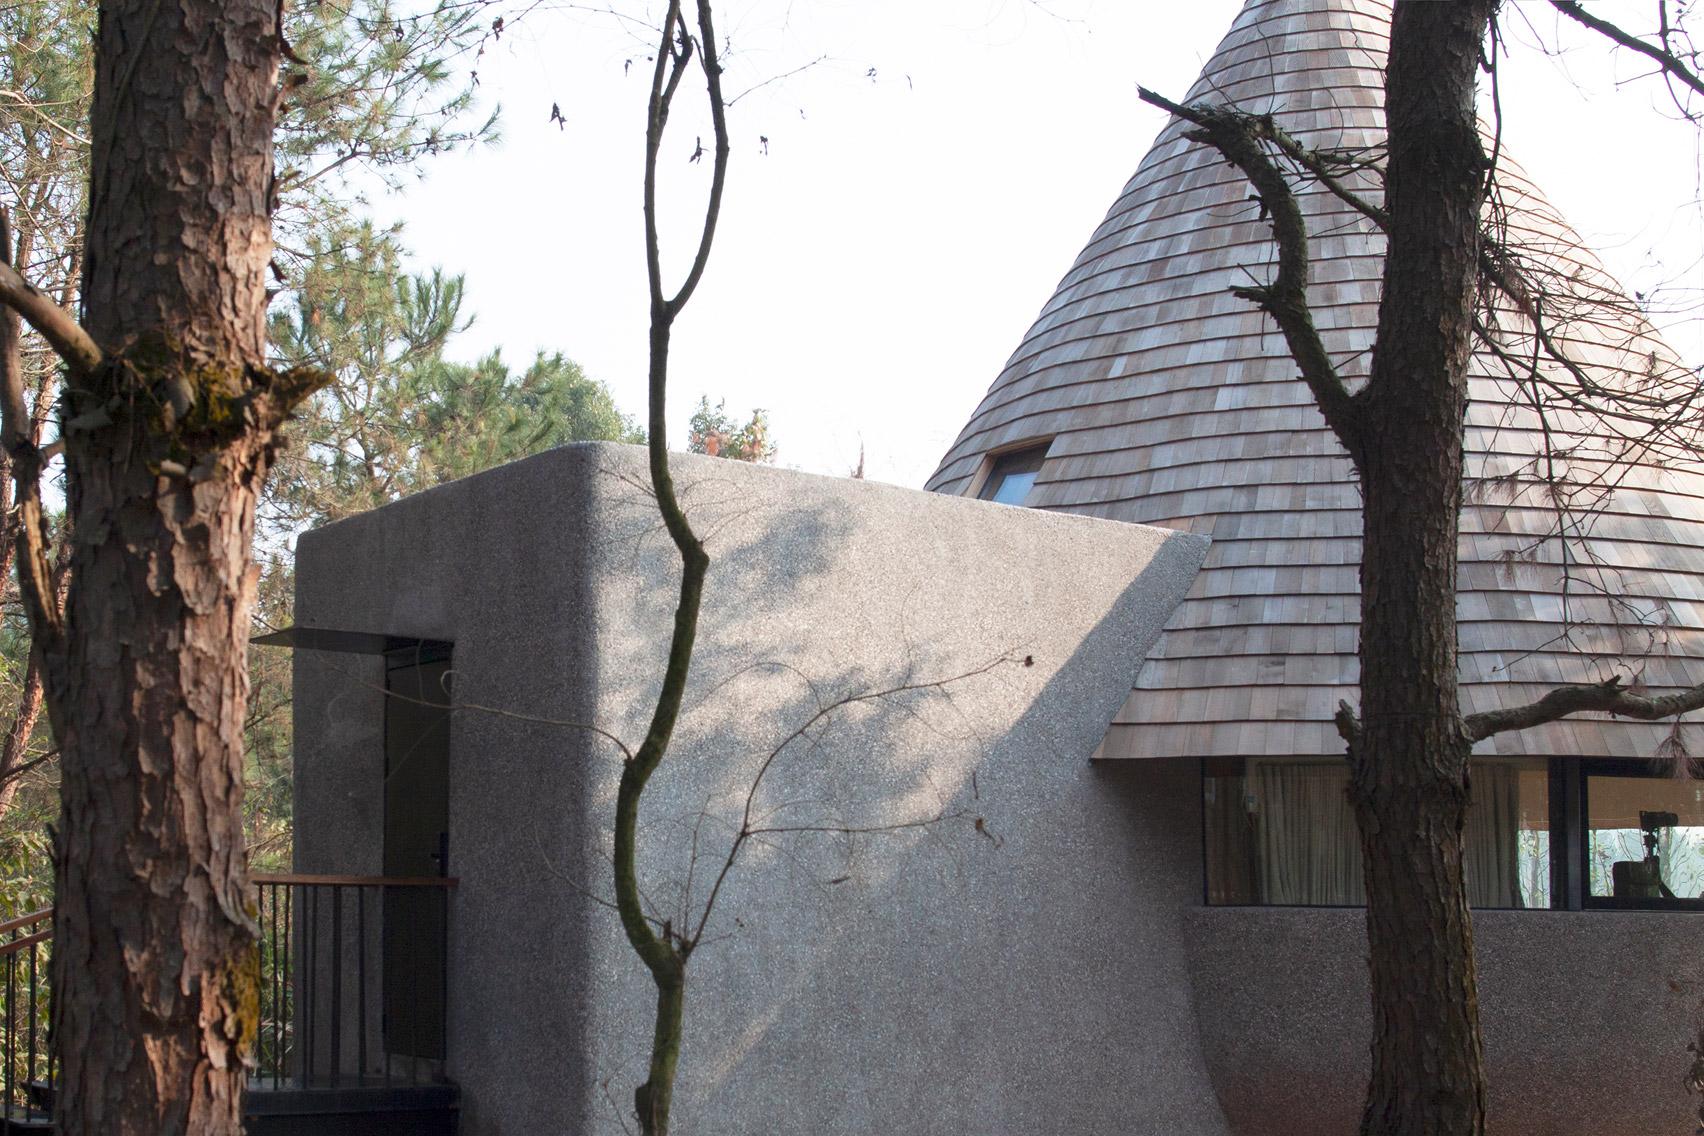 A granolithic concrete facade